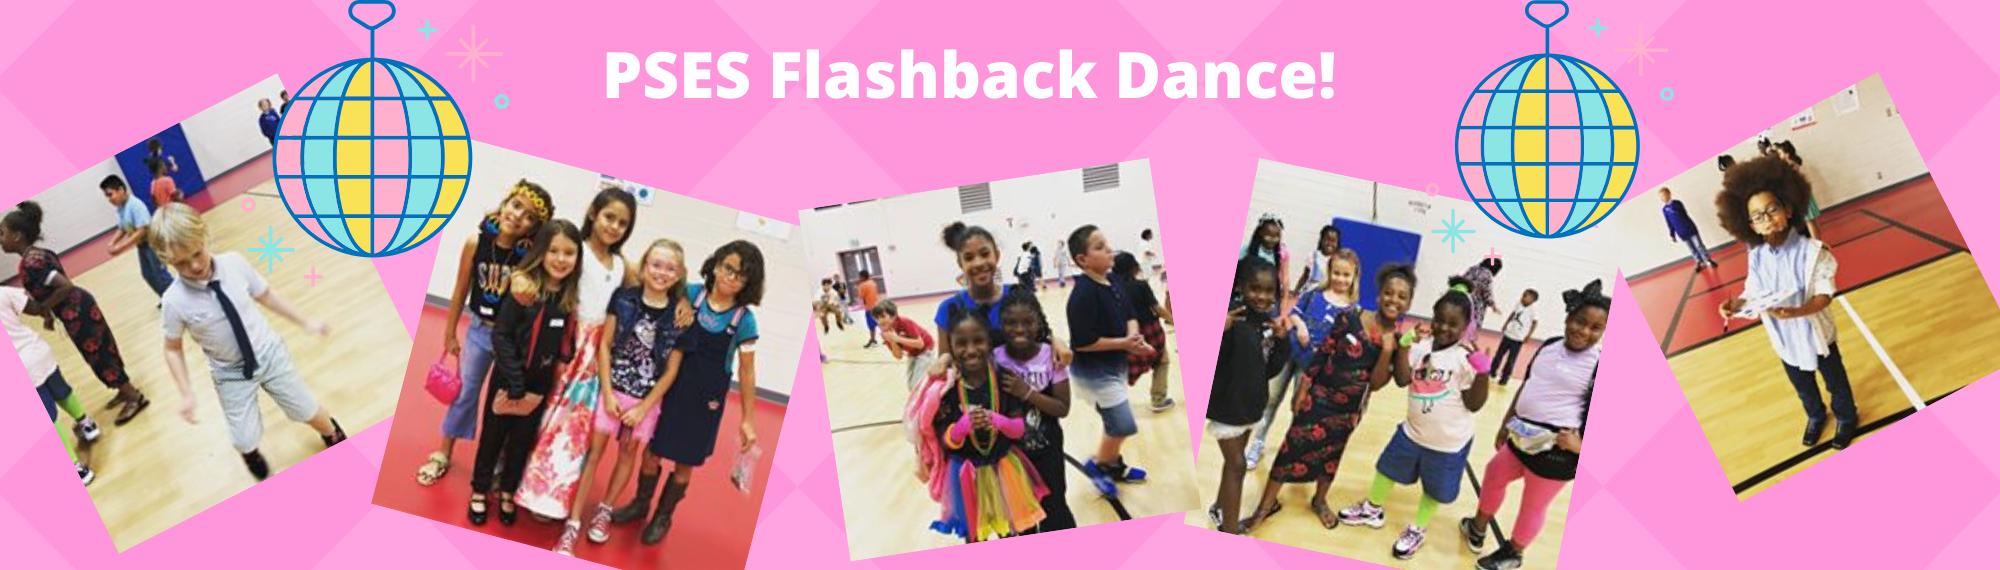 Flashback Dance